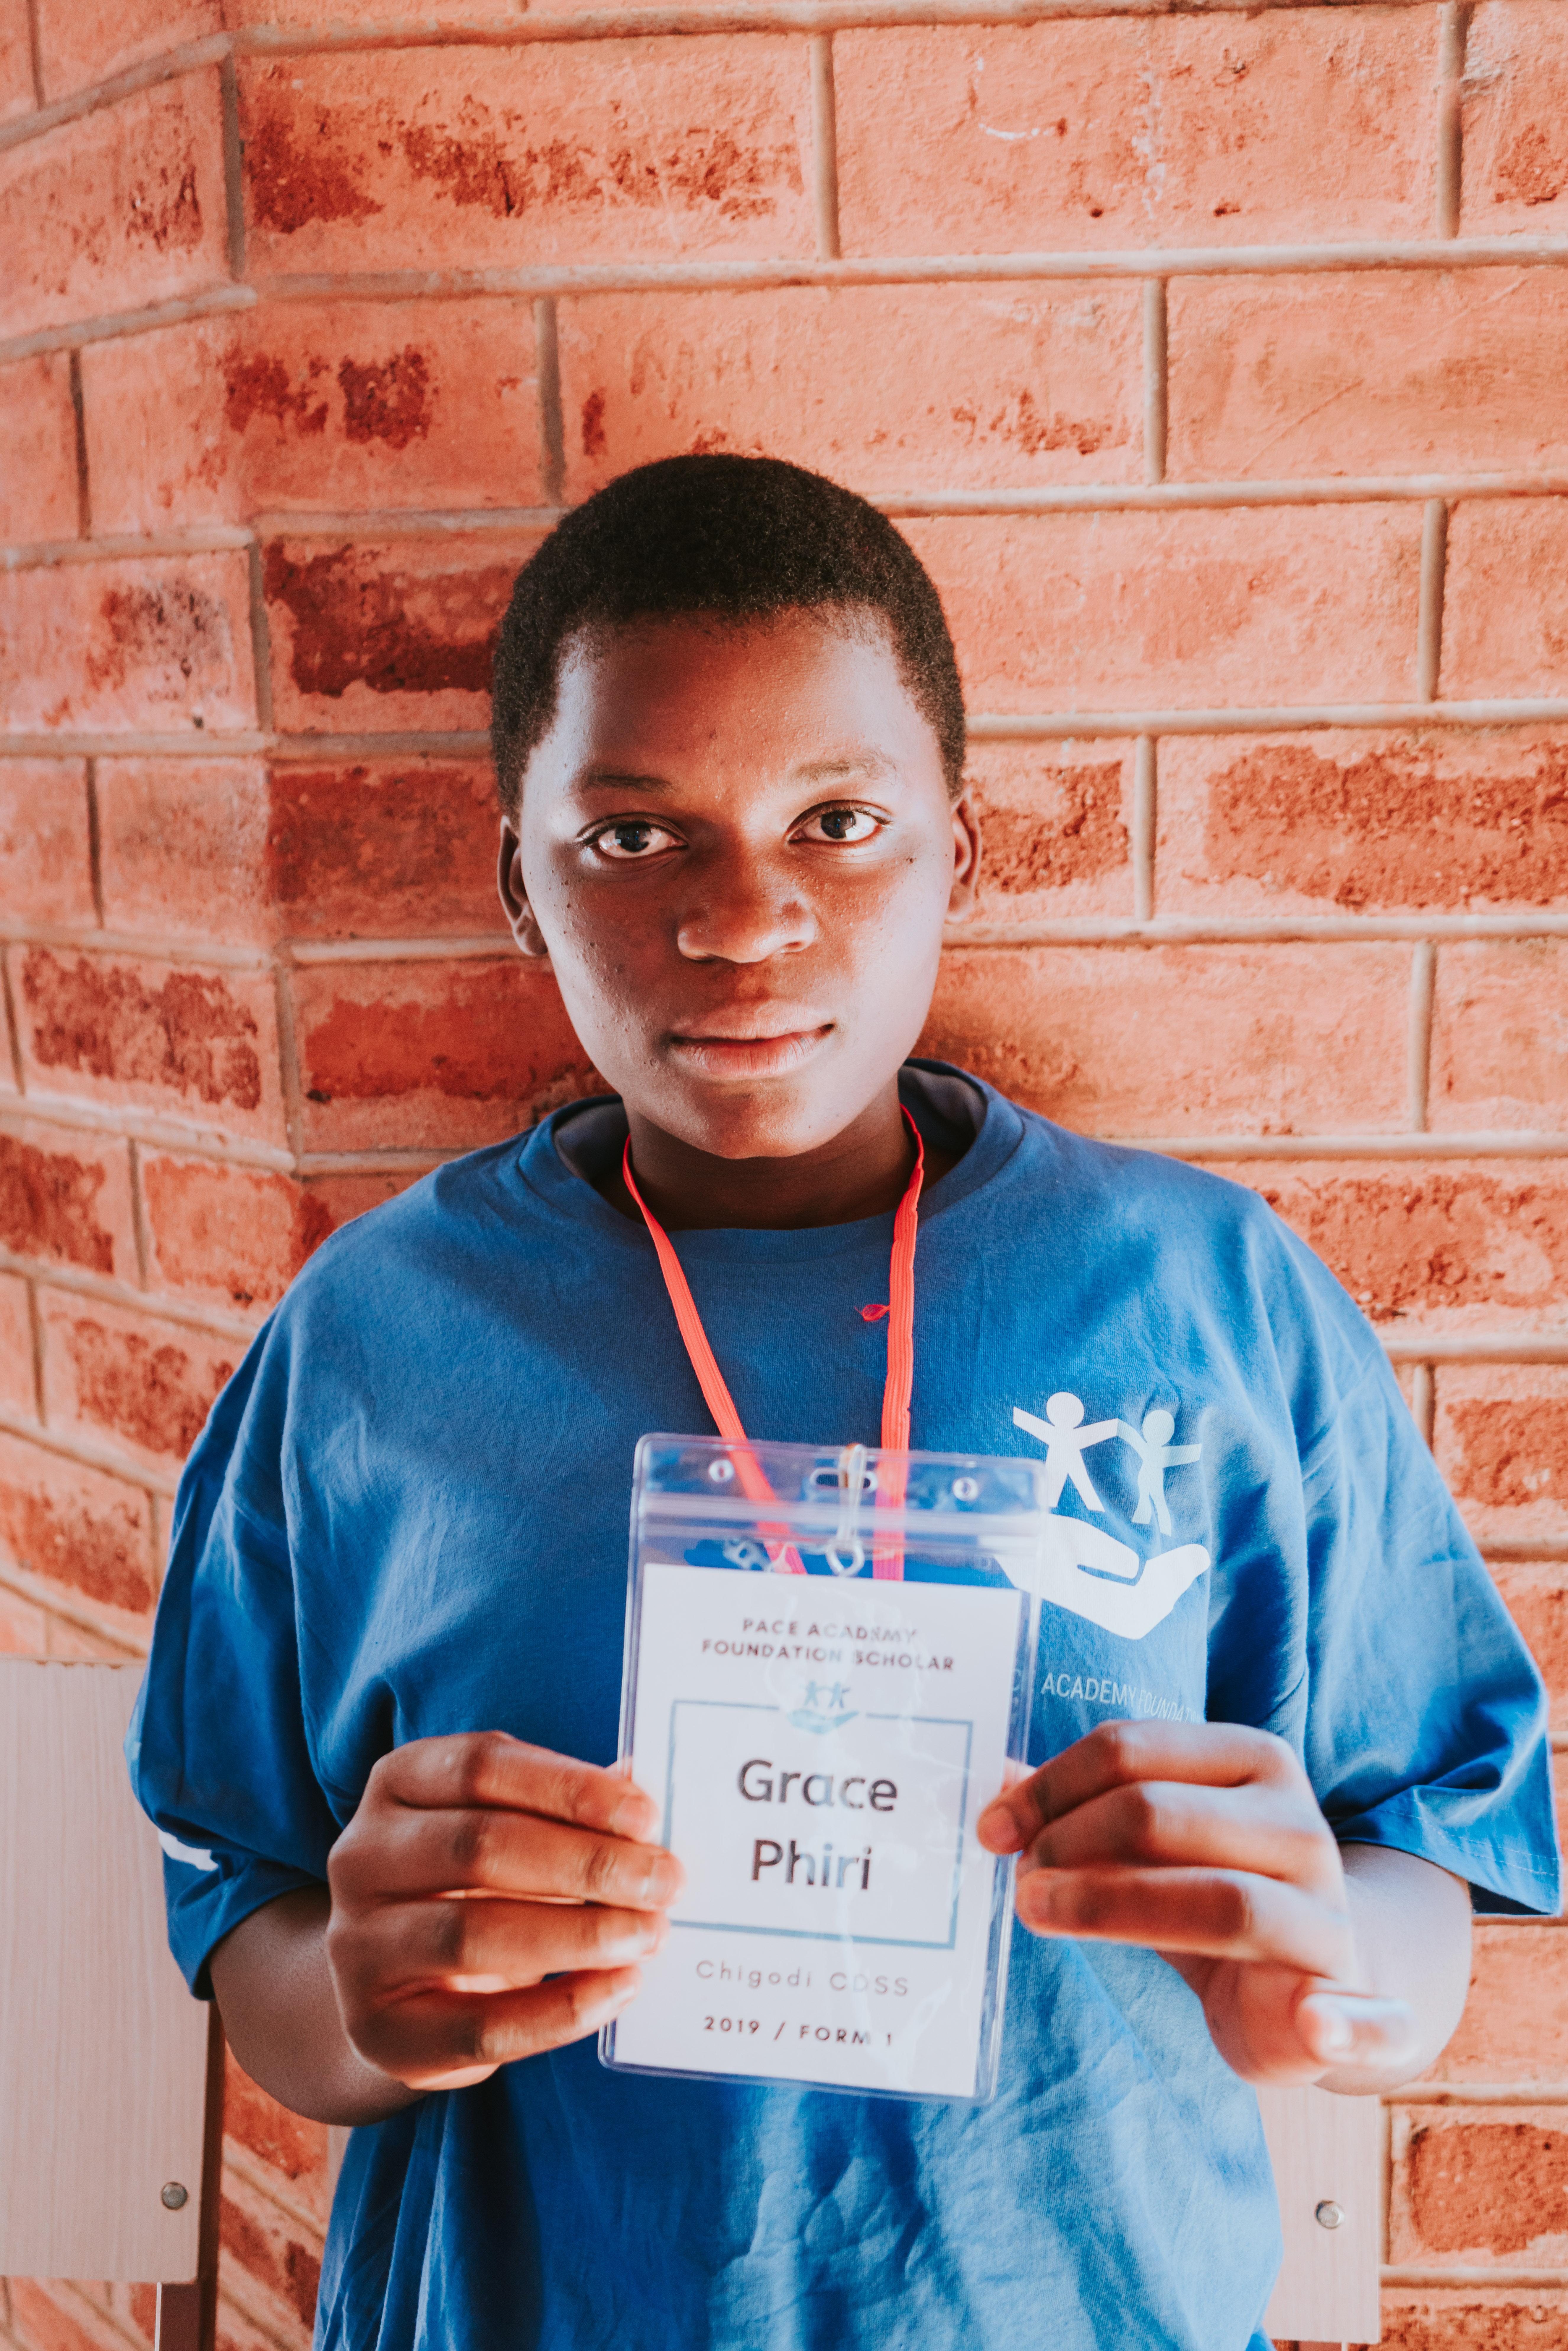 Grace Phiri (Chigodi CDSS)